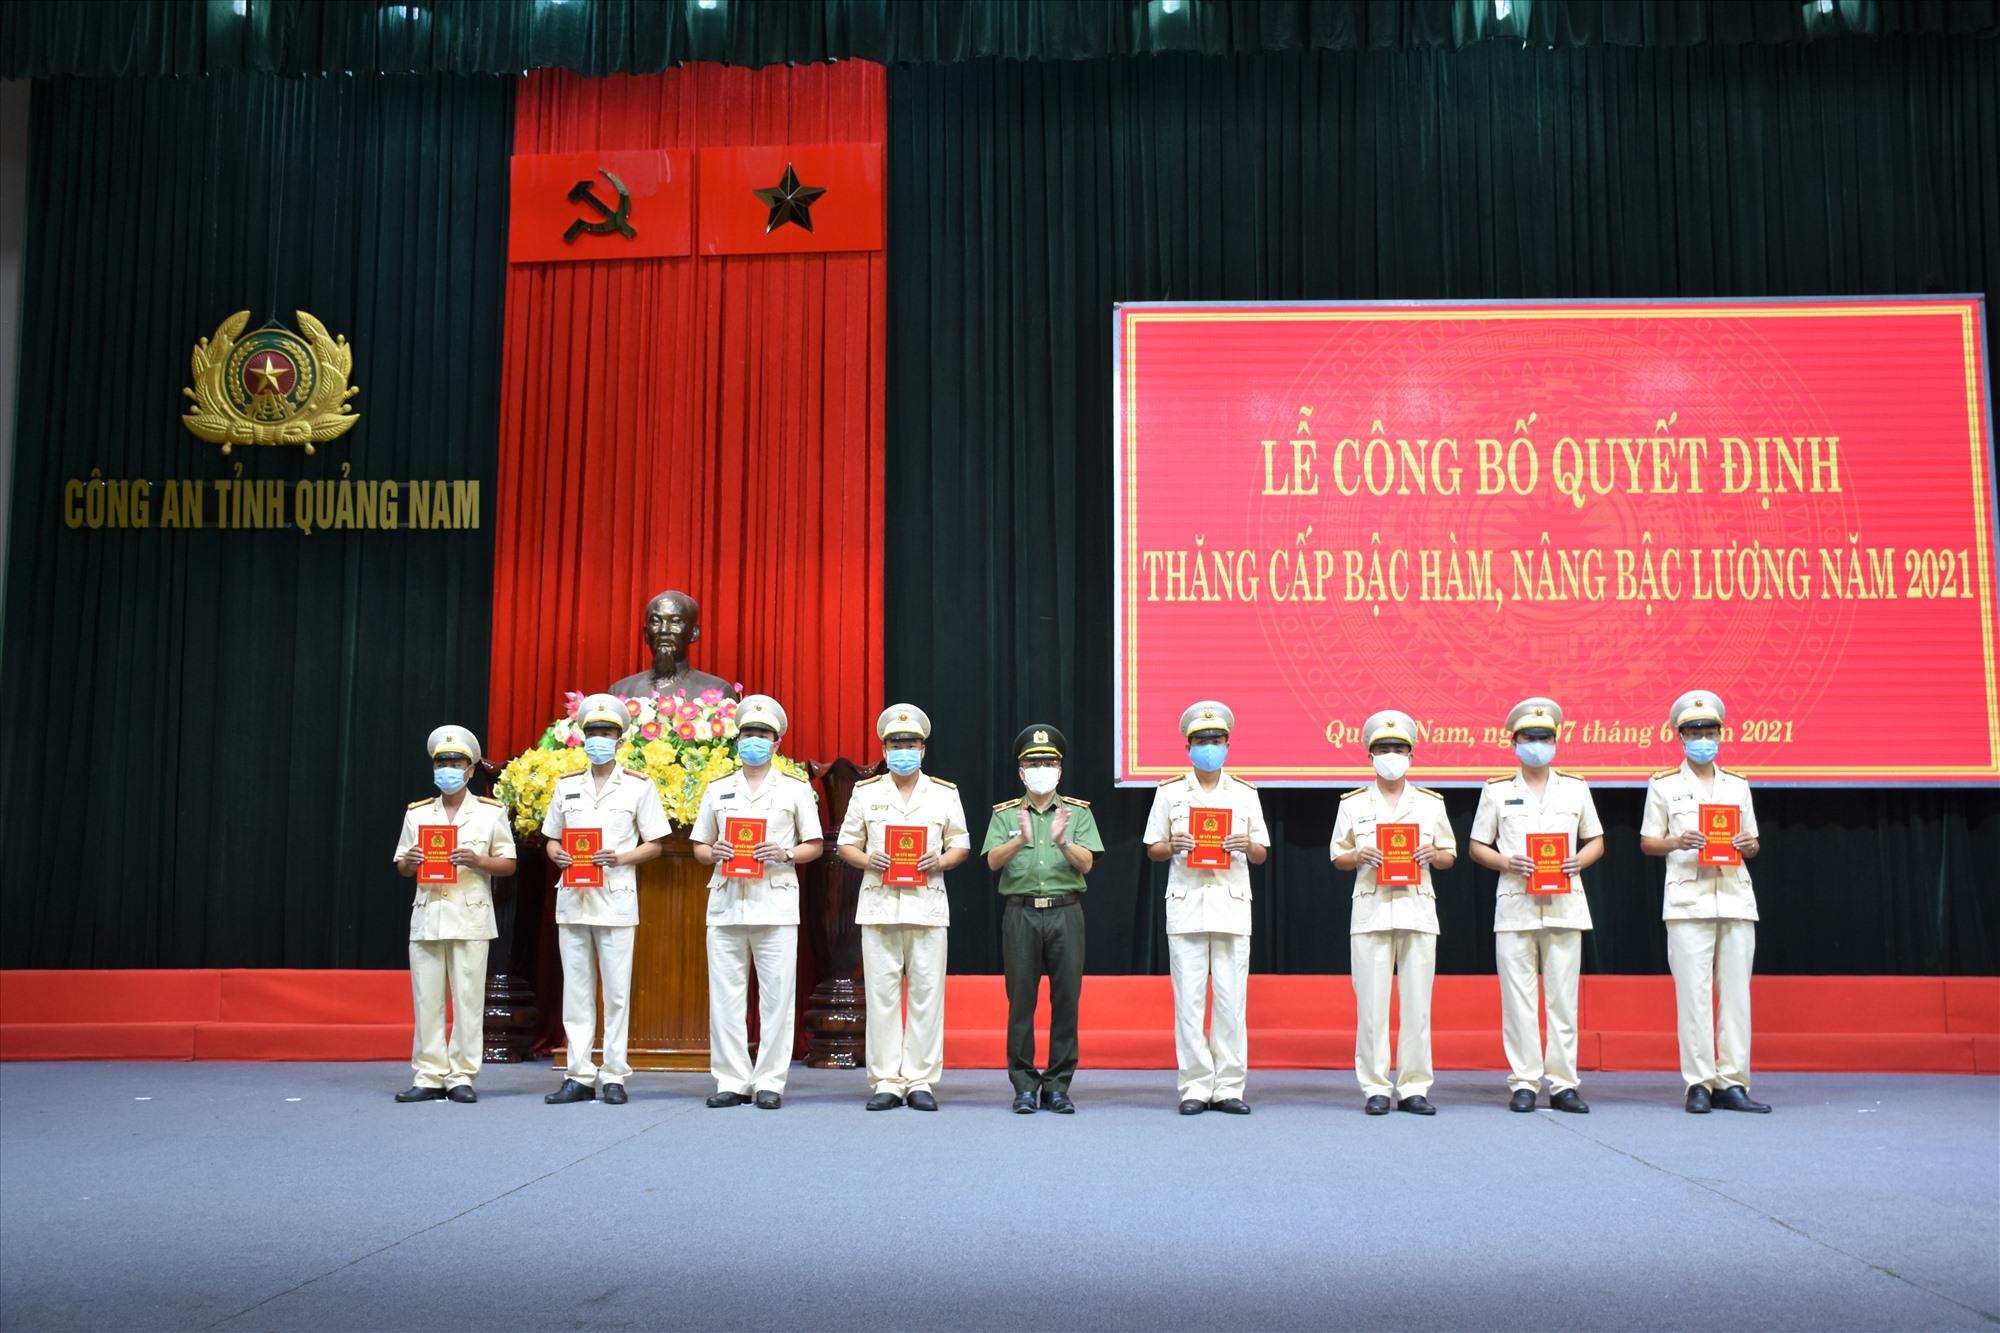 Thiếu tướng Nguyễn Đức Dũng - Giám đốc Công an tỉnh trao Quyết định thăng cấp bậc hàm, nâng bậc lương Thượng tá cho các đồng chí đến niên hạn năm 2021.